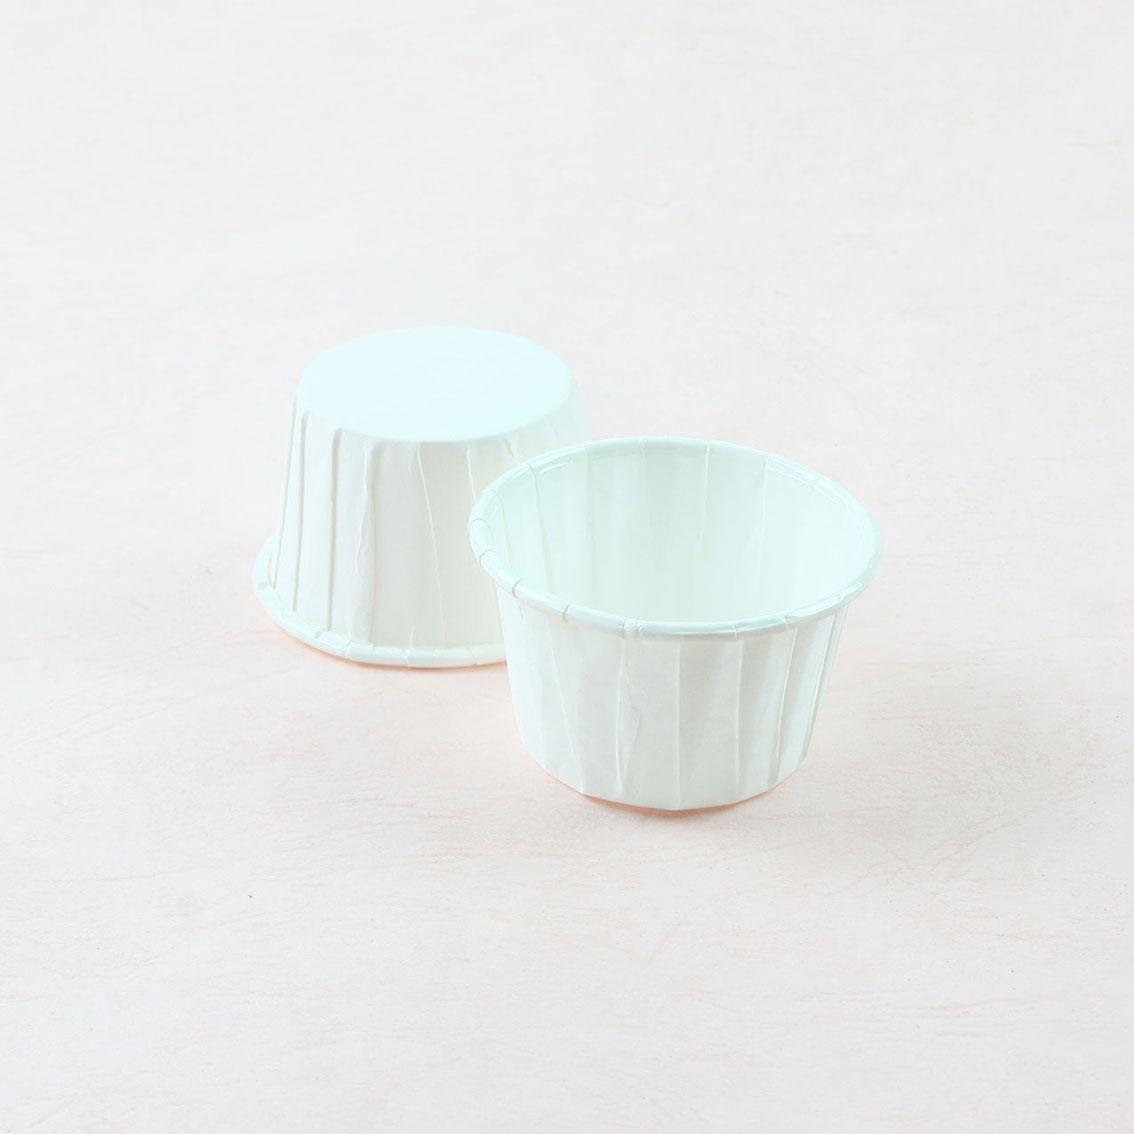 瑪芬杯、杯子蛋糕、捲口杯 PET3830-00 白色(100pcs/包)